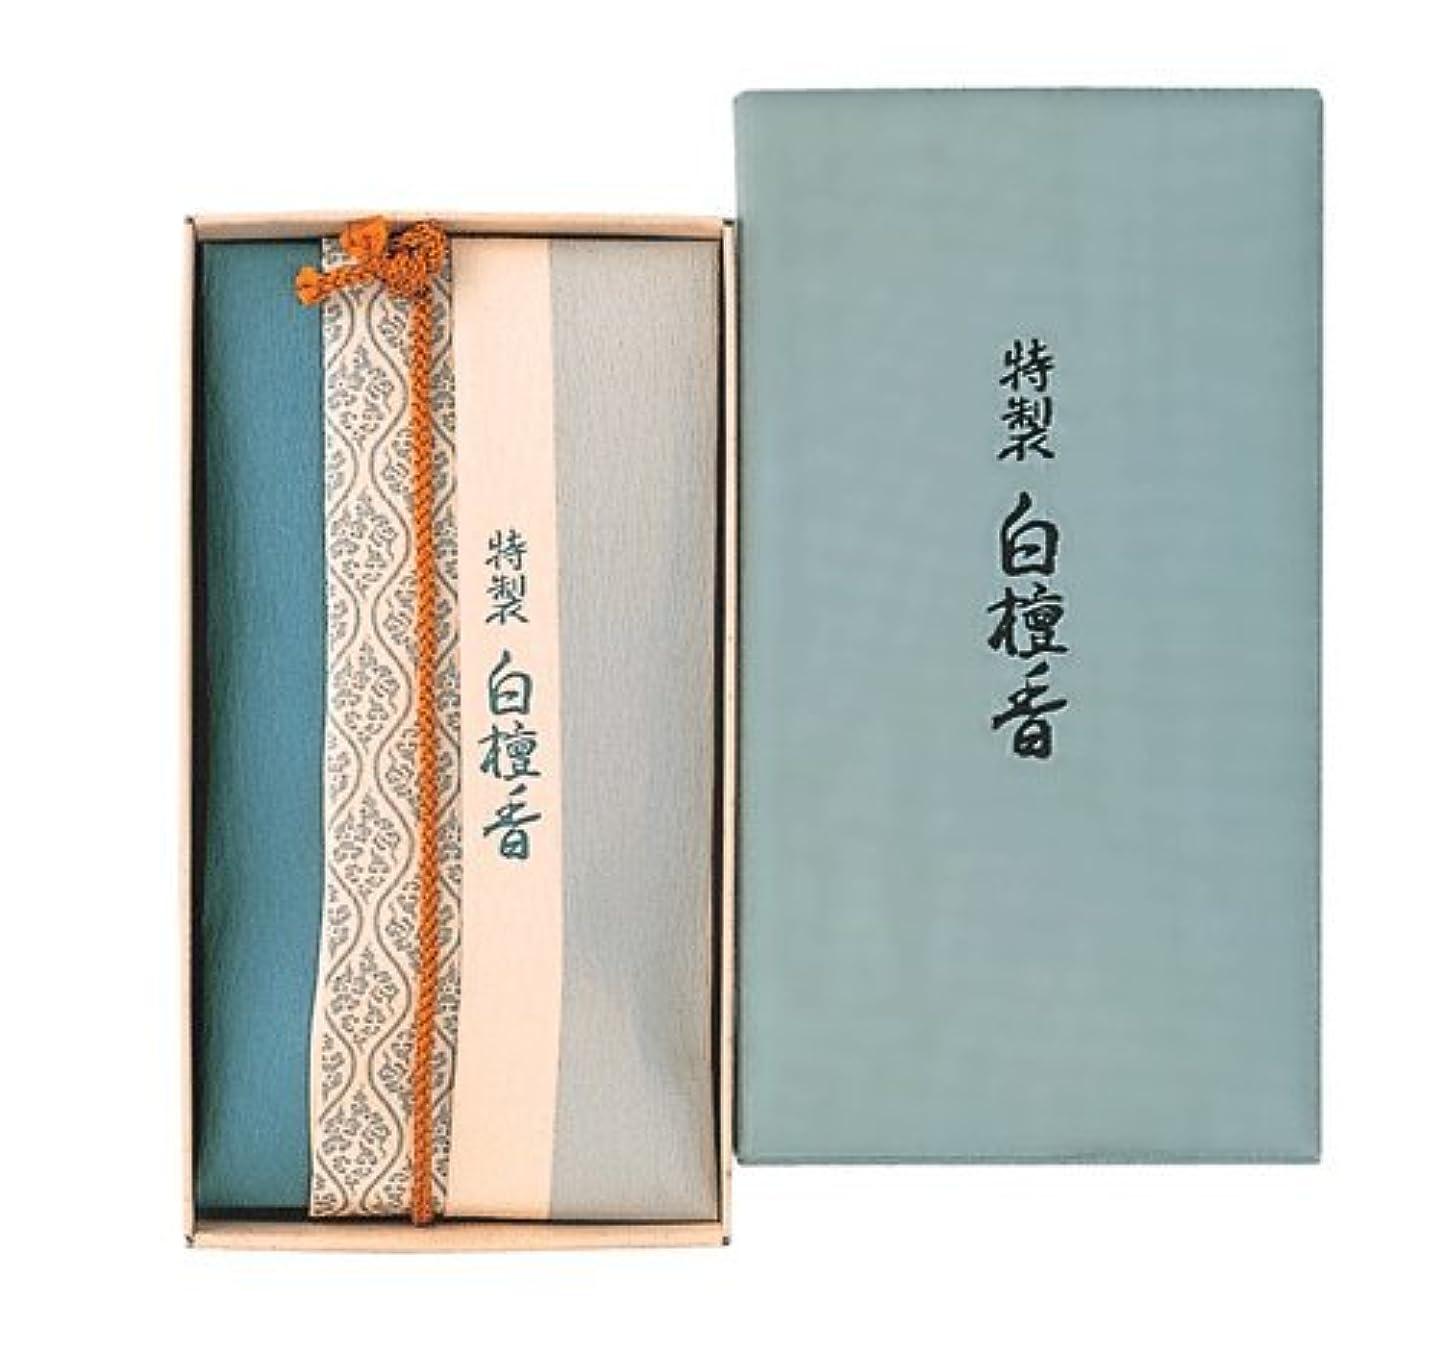 宇宙金曜日ノイズ香木の香りのお香 特製白檀香 コーン24個入【お香】